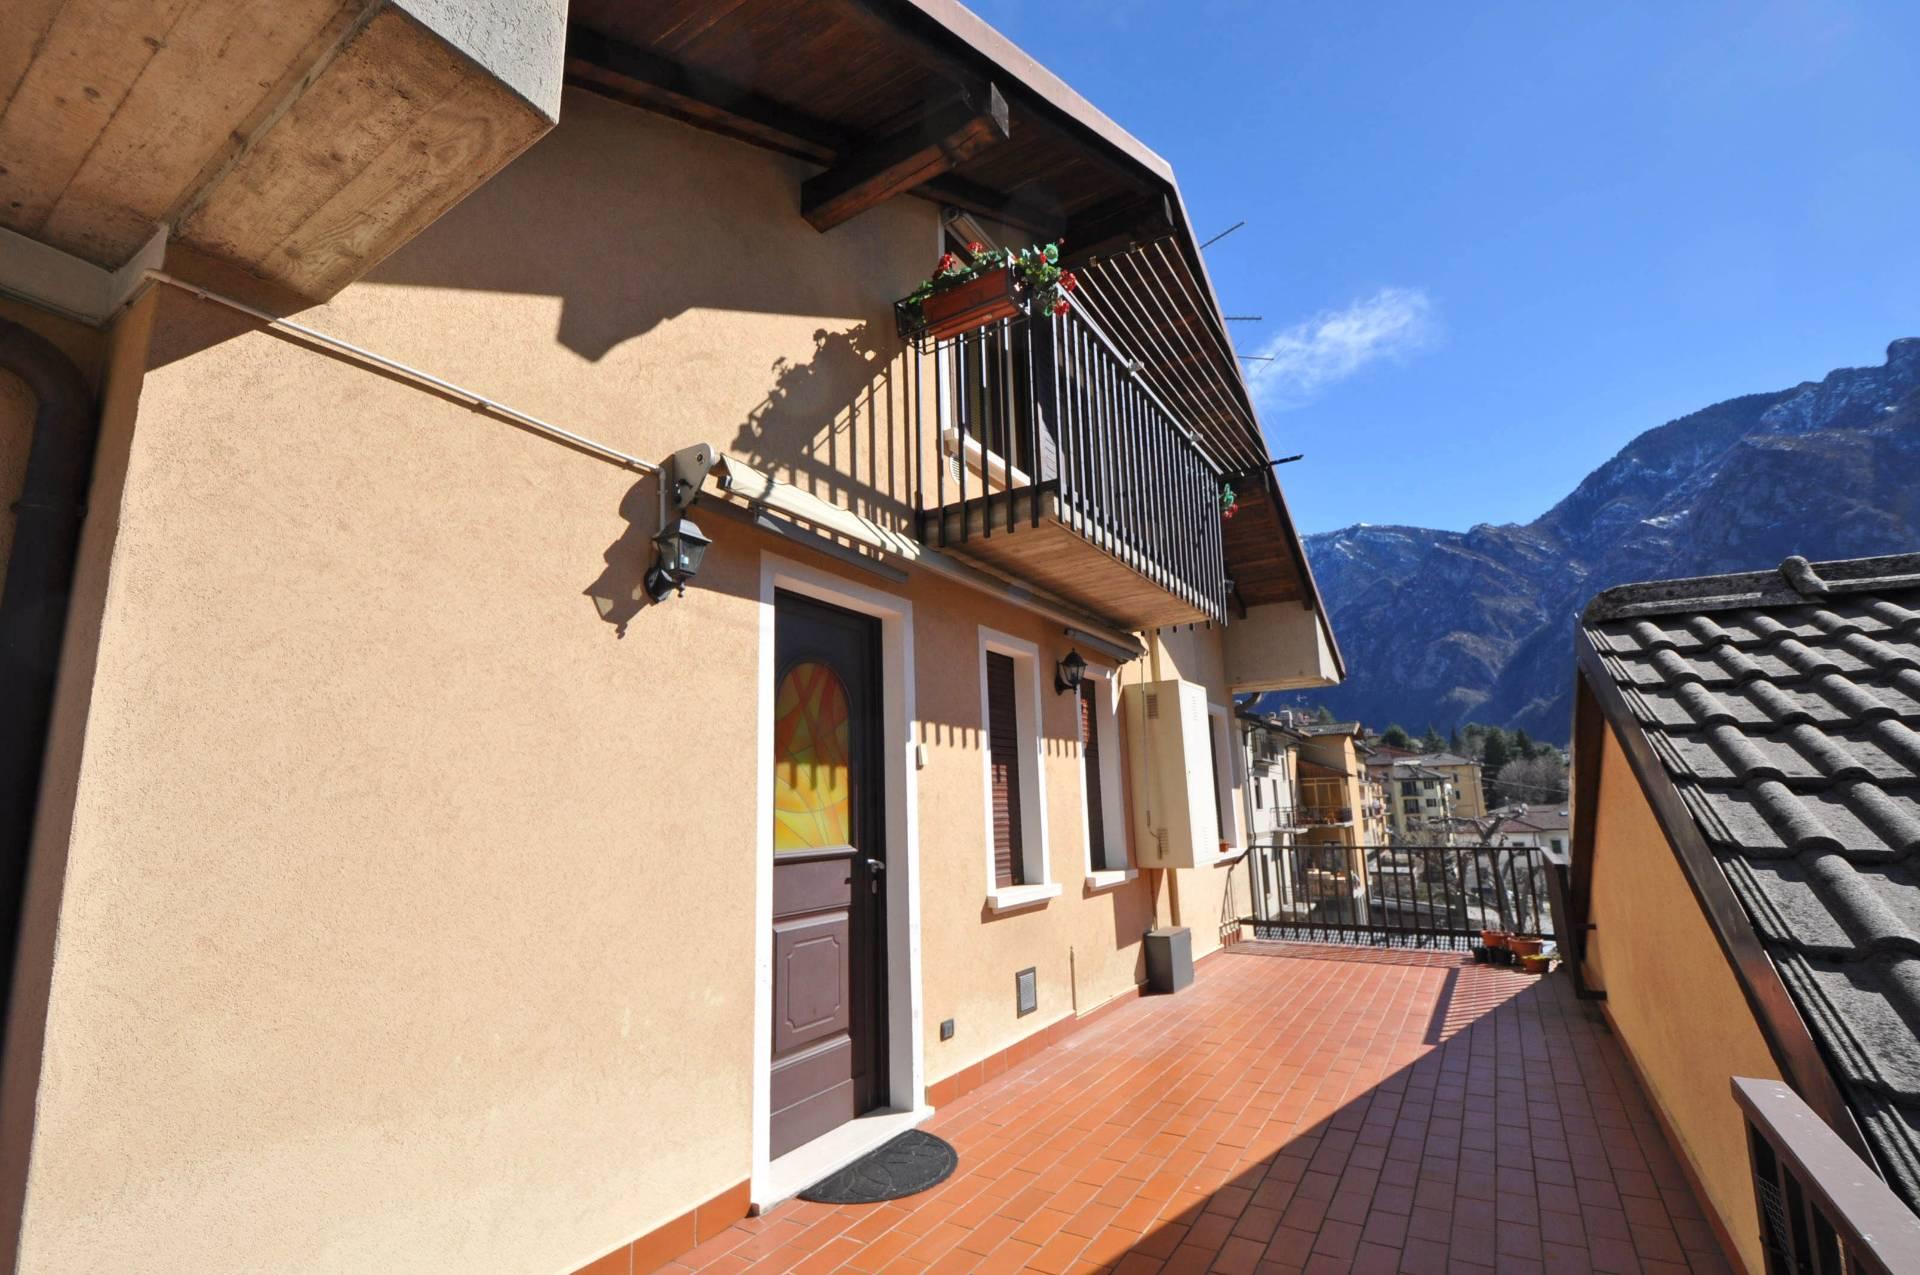 Appartamento in vendita a Piazza Brembana, 3 locali, prezzo € 89.000 | Cambio Casa.it